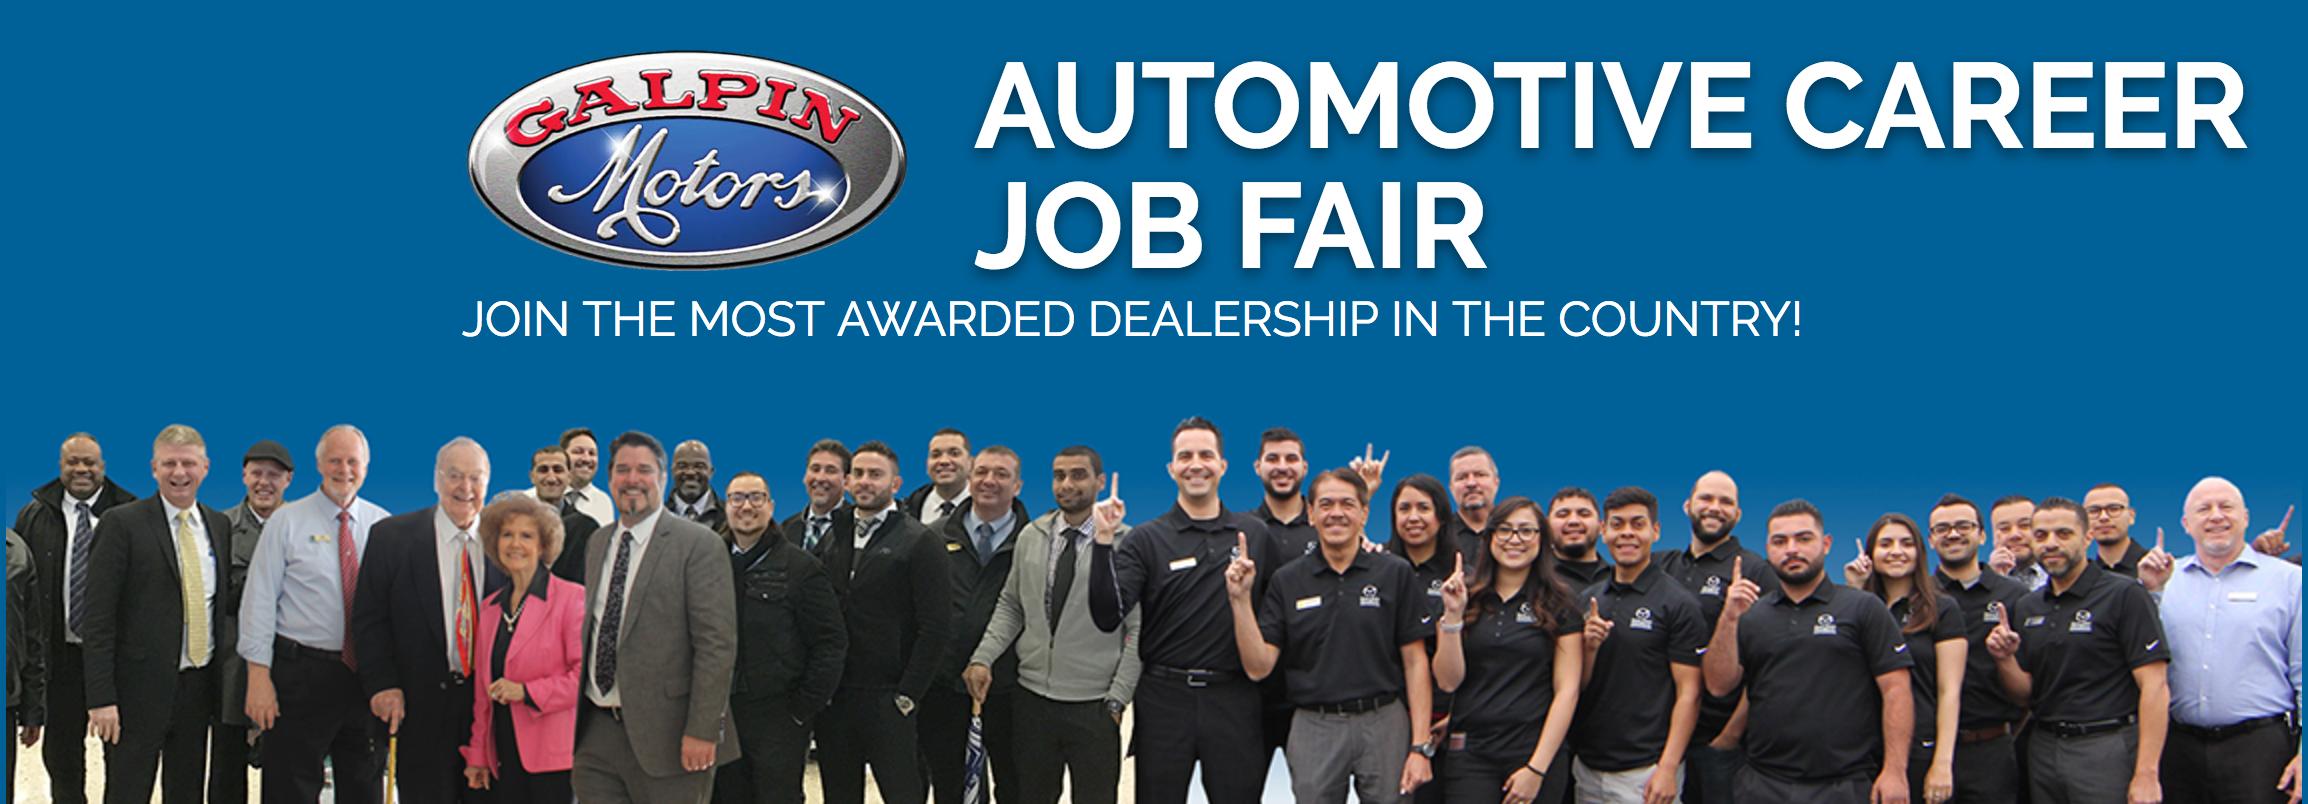 Galpin Automotive Career Job Fair